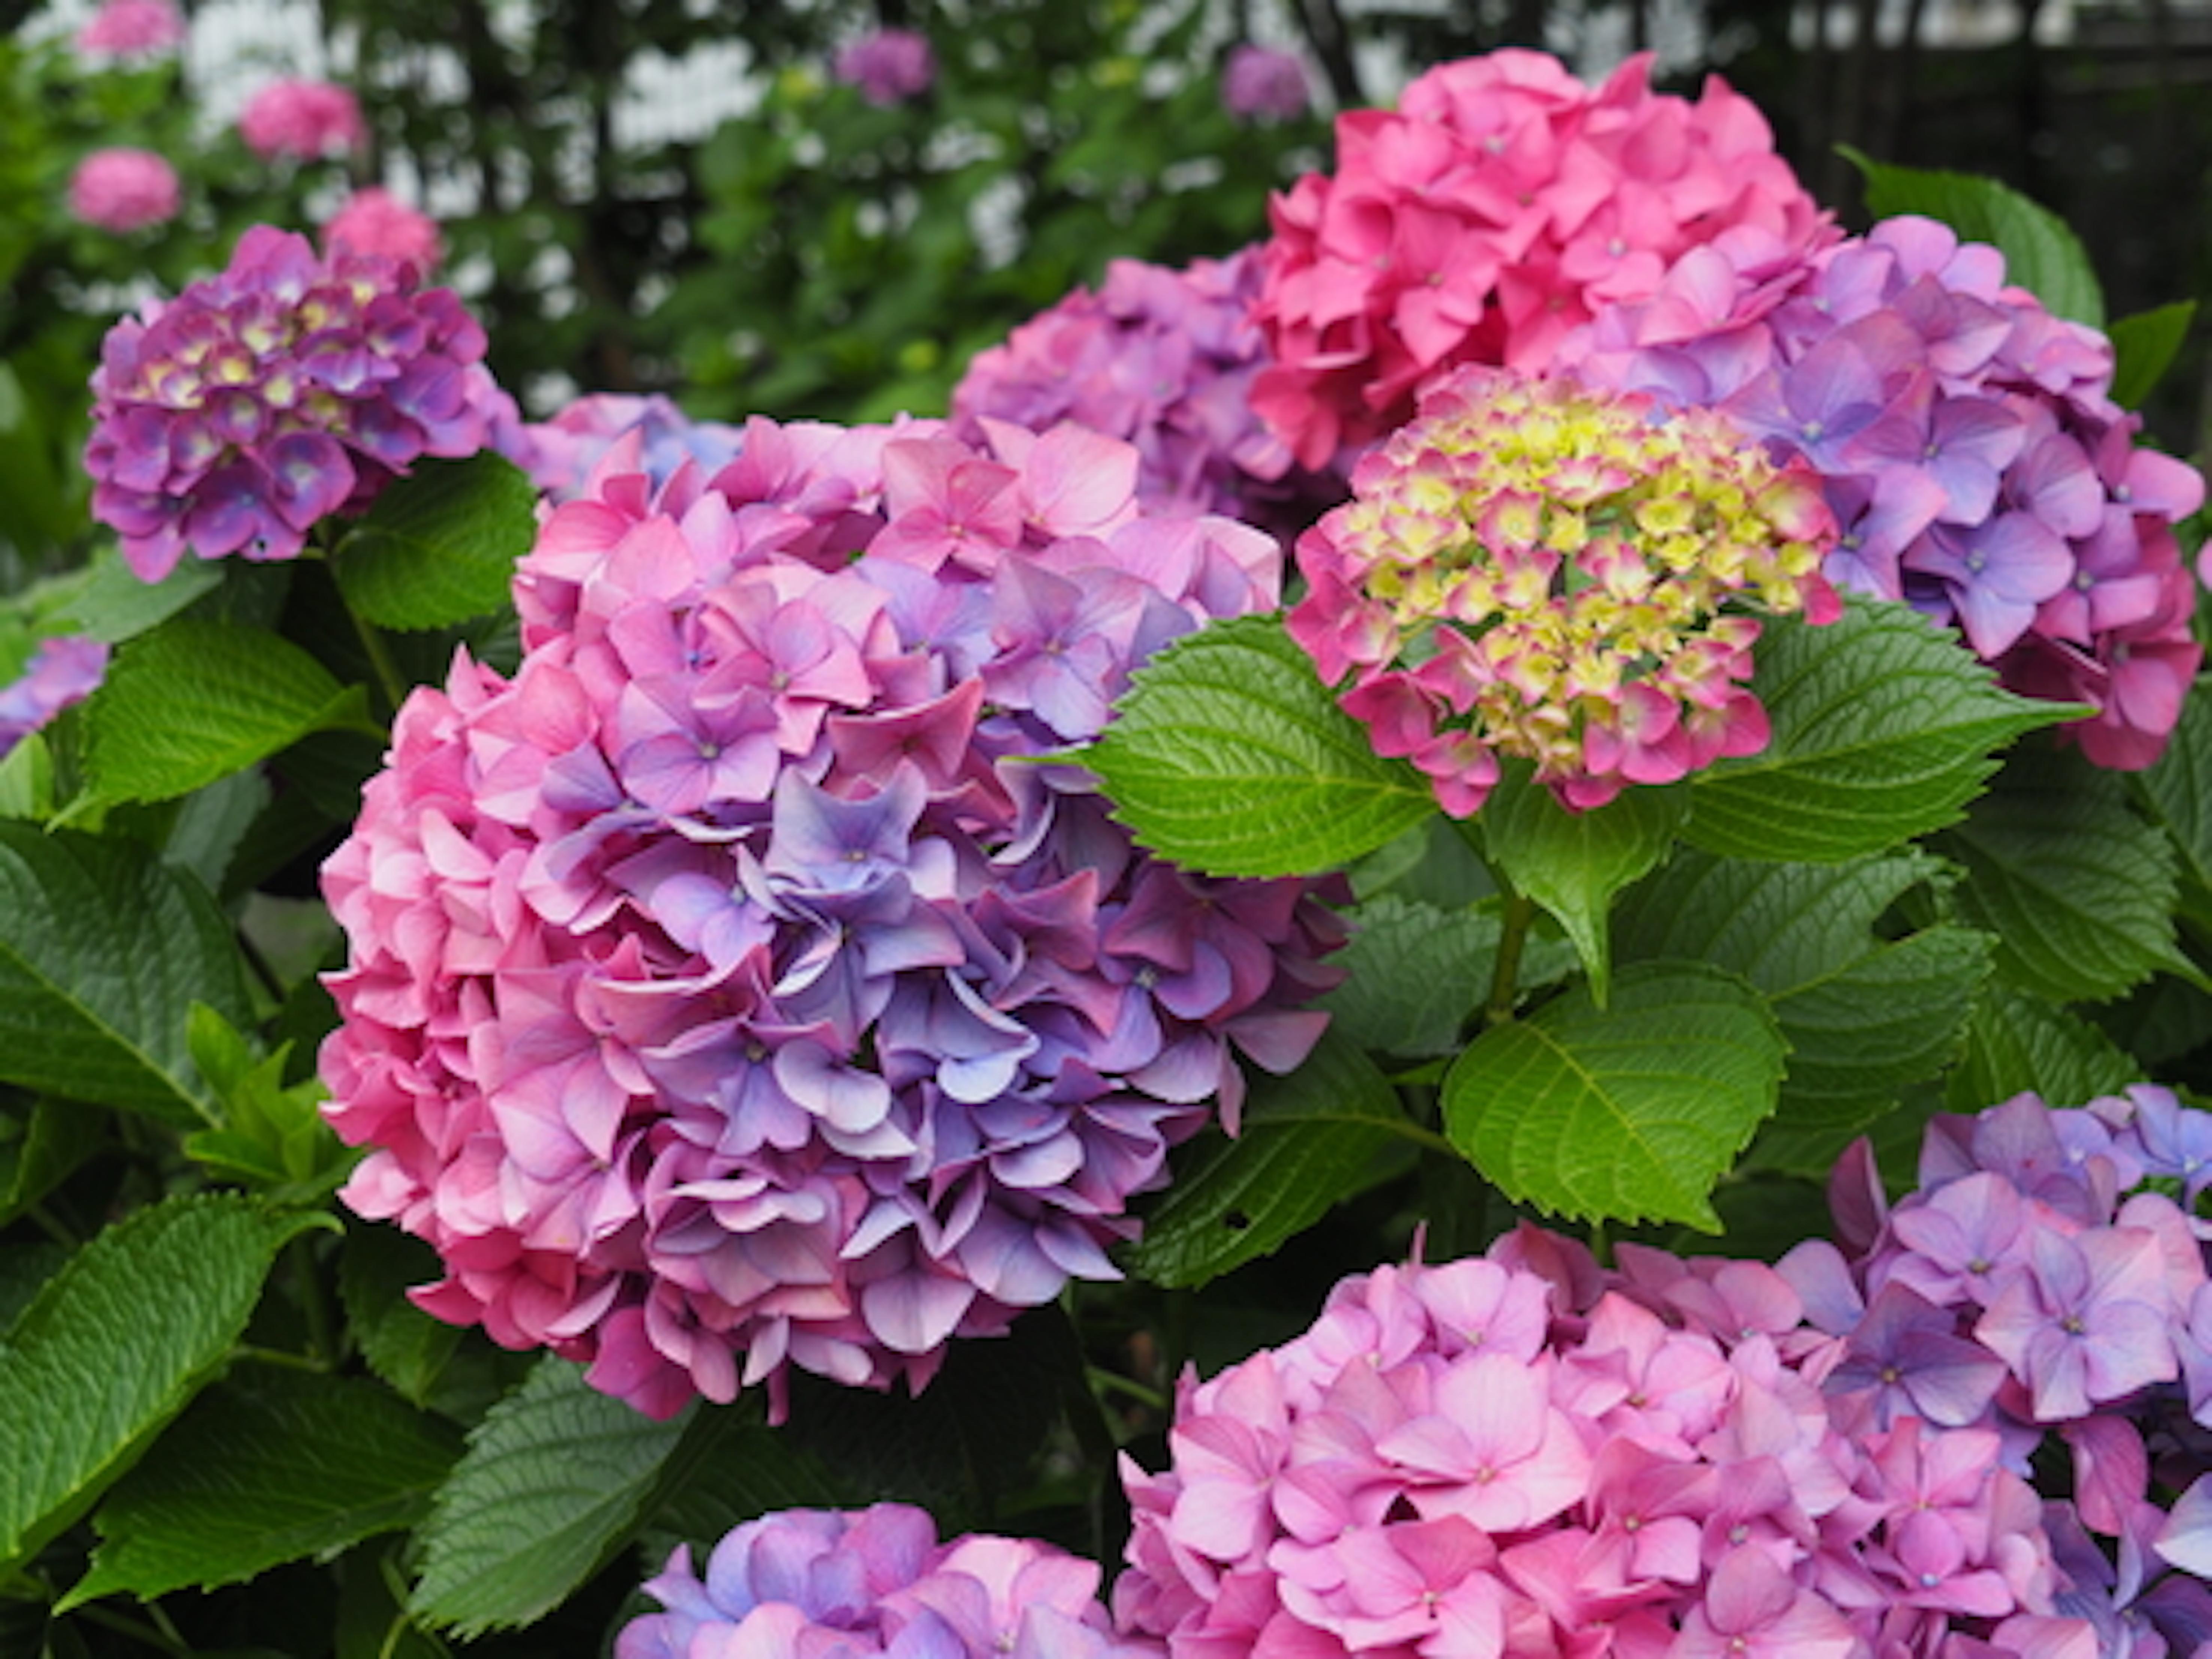 紫陽花 ガクアジサイ 種類 花言葉